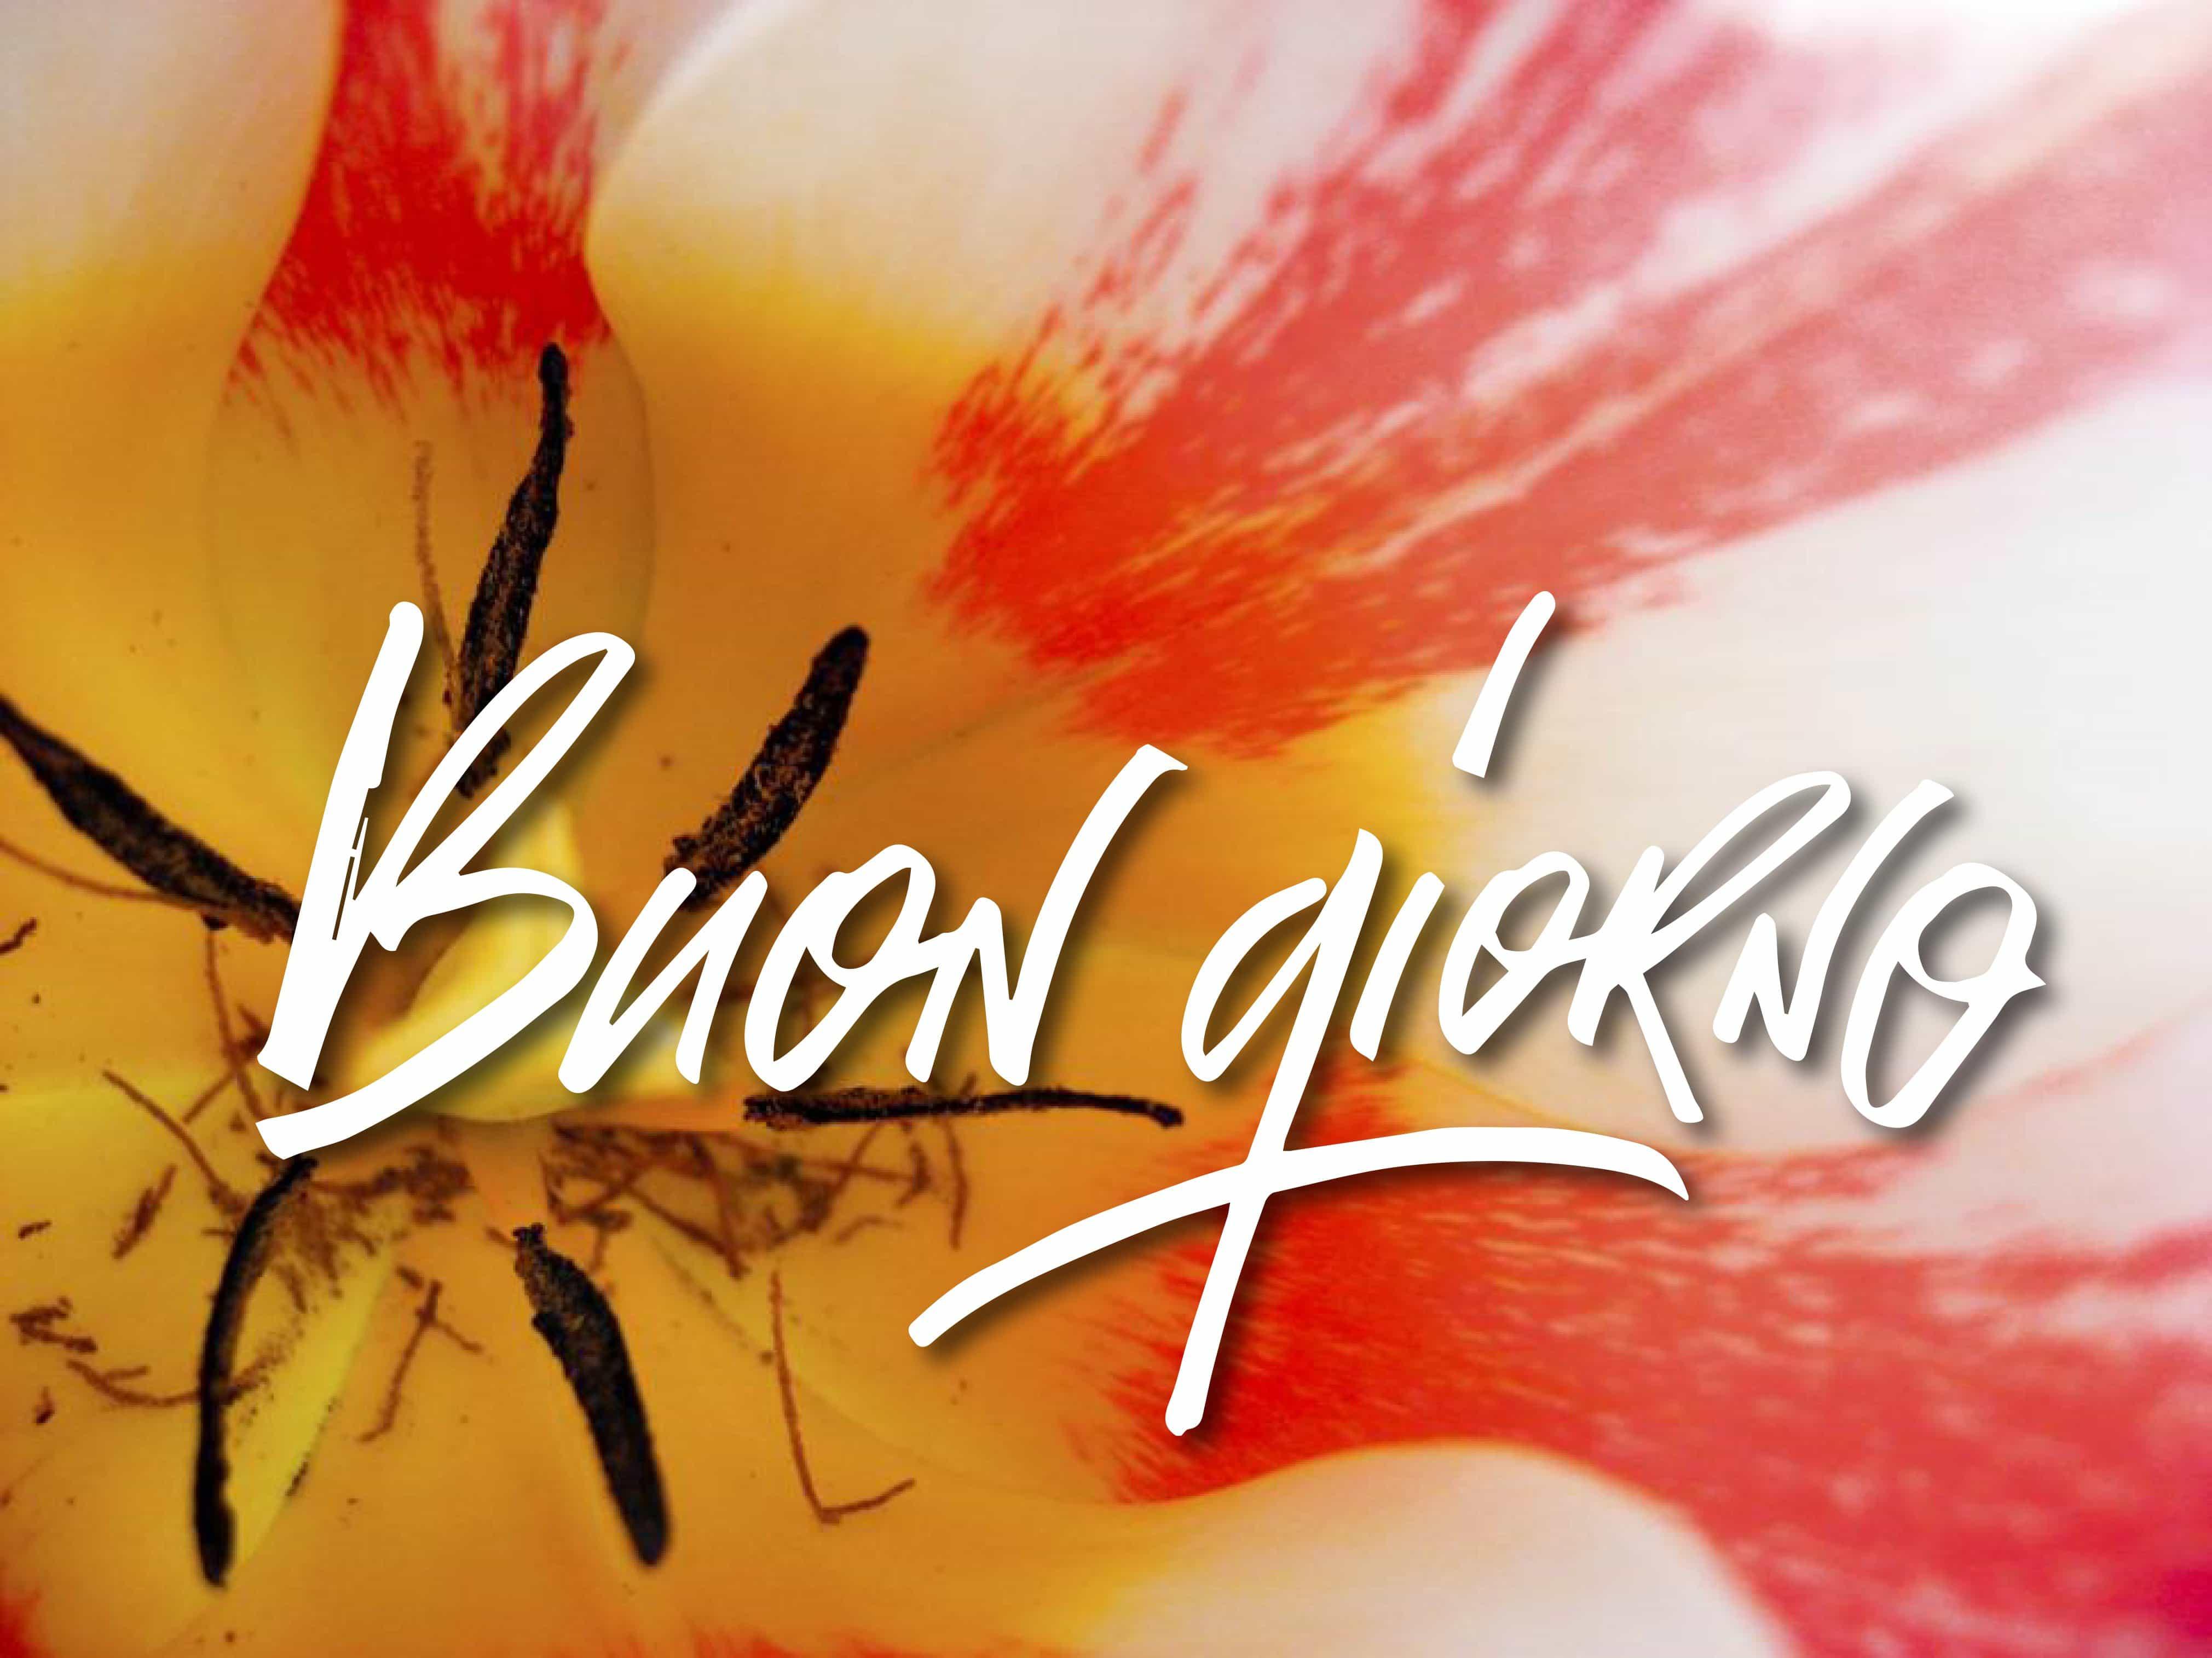 Immagini buongiorno con fiori bellissimi